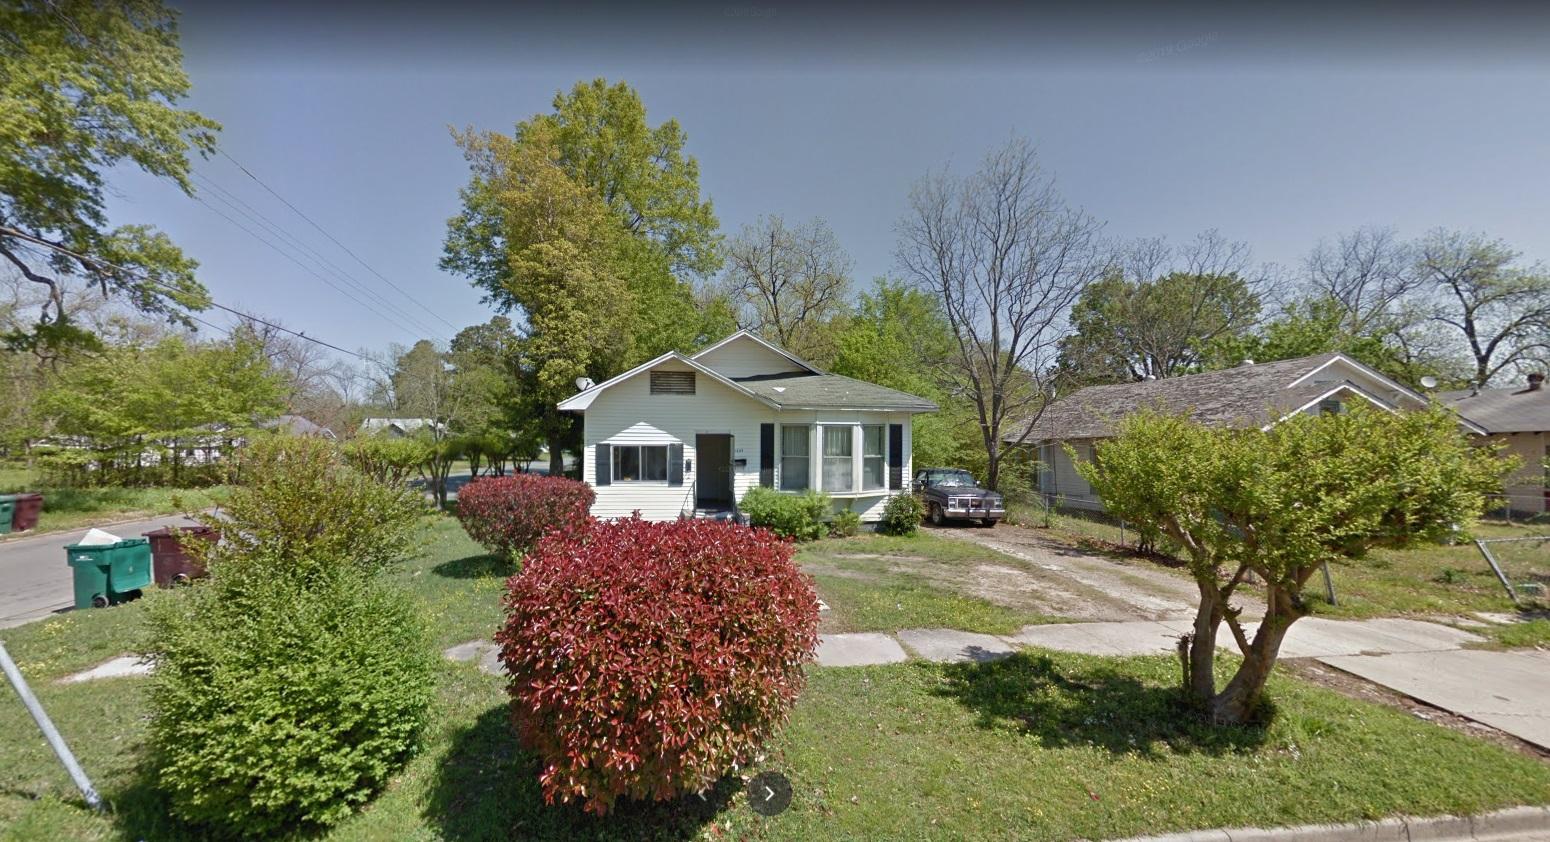 1609 W 19th Ave, Pine Bluff, AR 71603